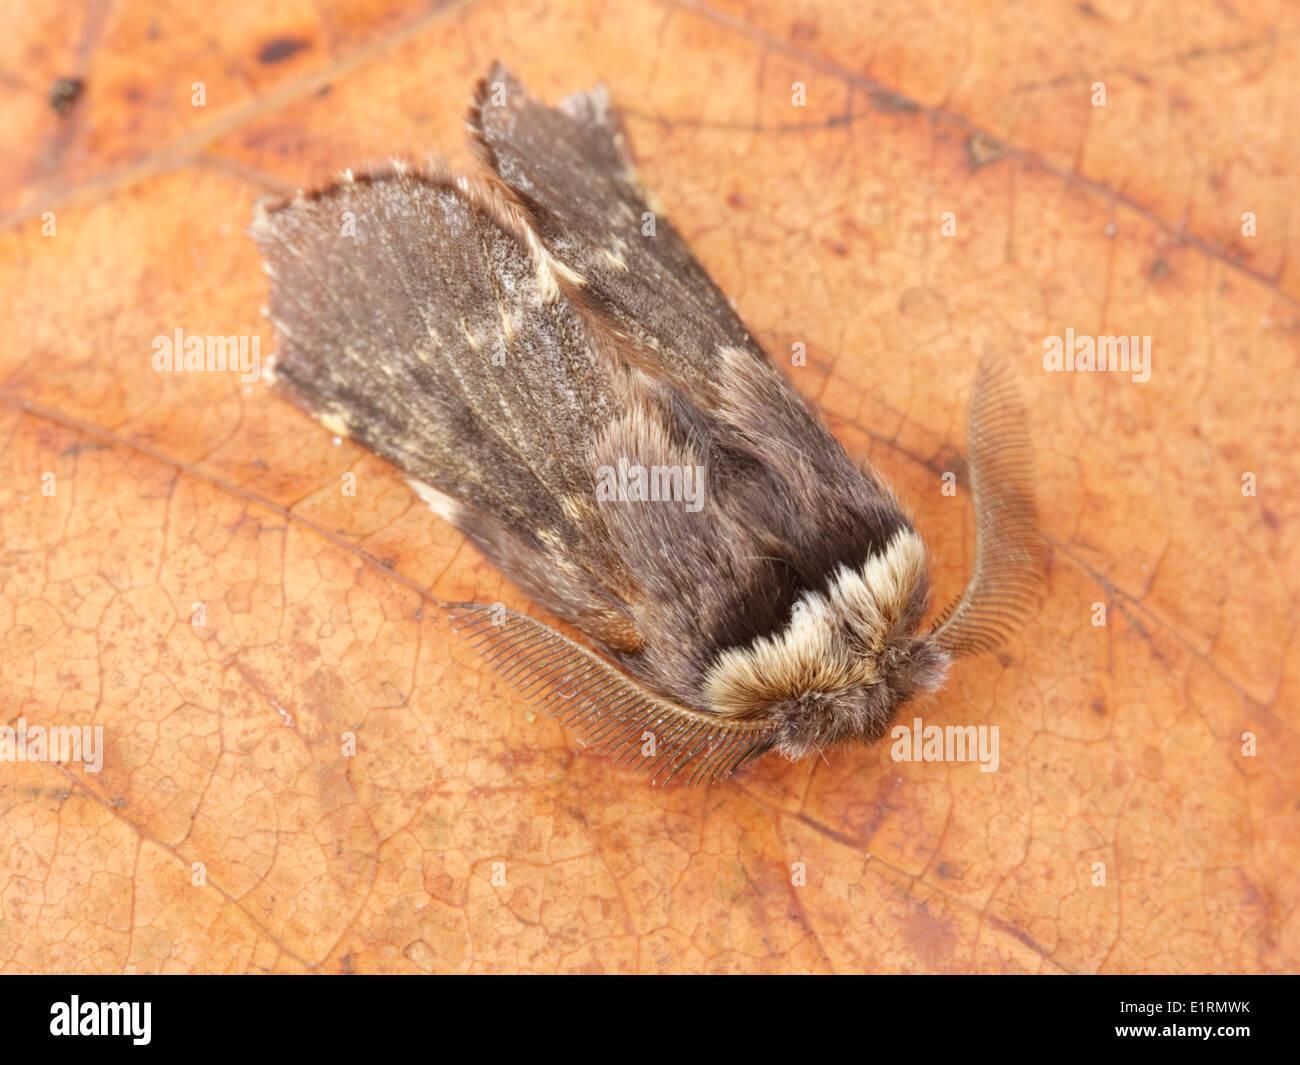 Male December Moth (Poecilocampa populi) resting. - Stock Image